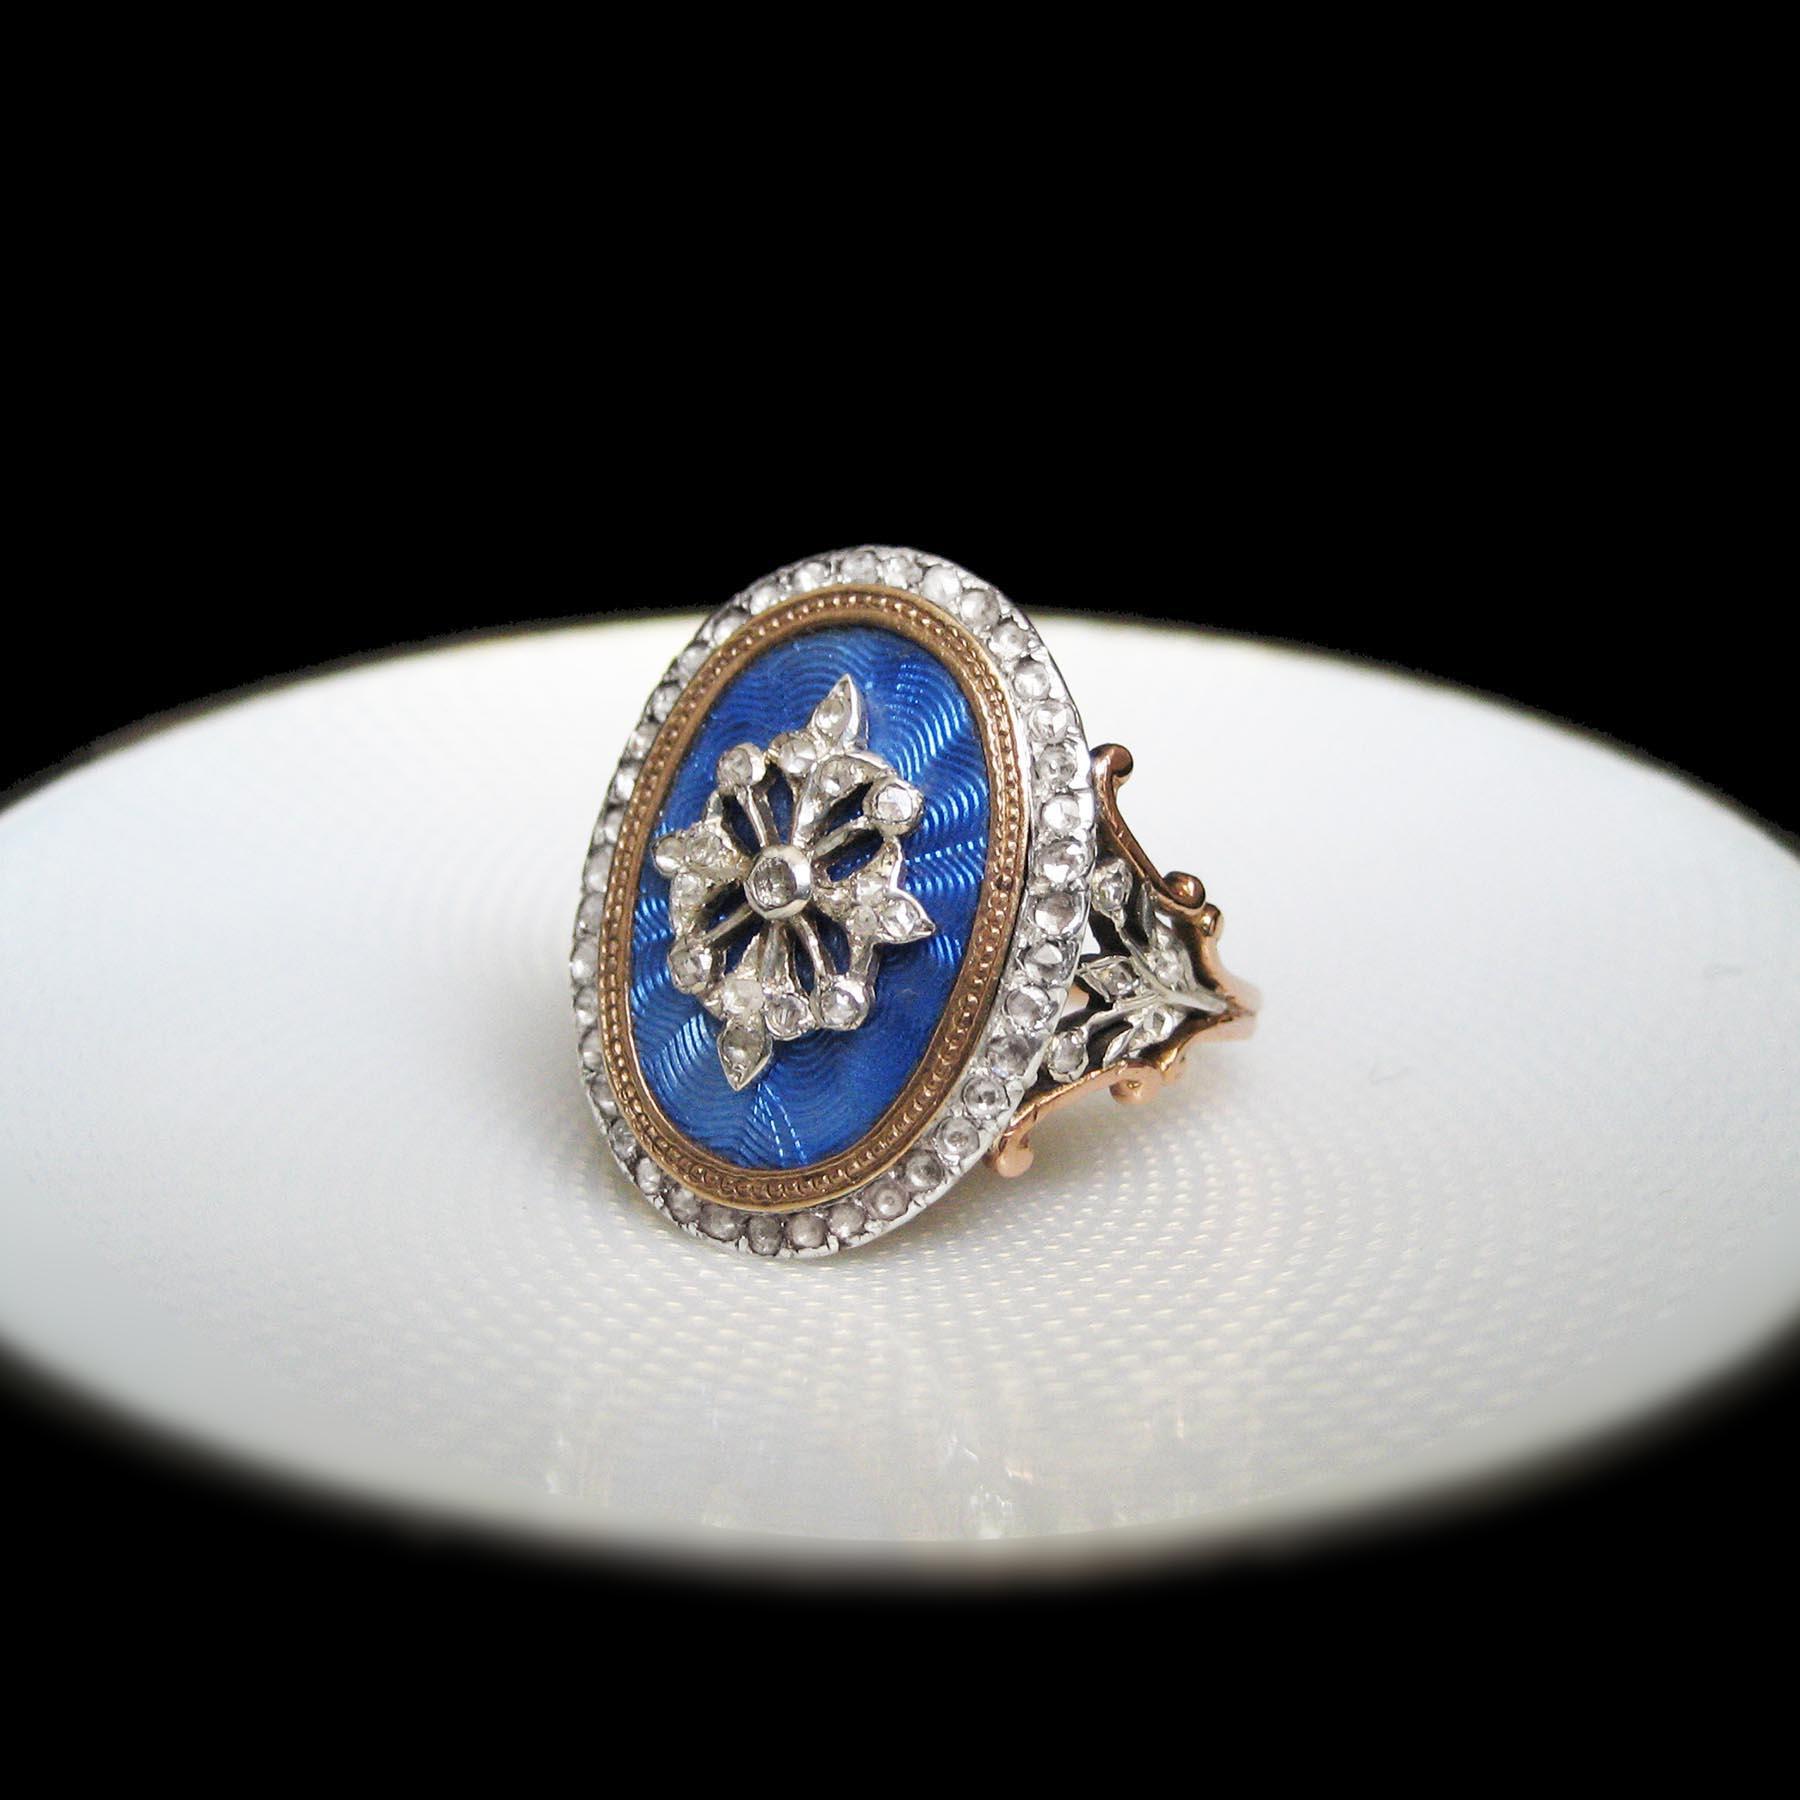 18世紀のアンティークリング ロイヤルブルーのギヨシェエナメル